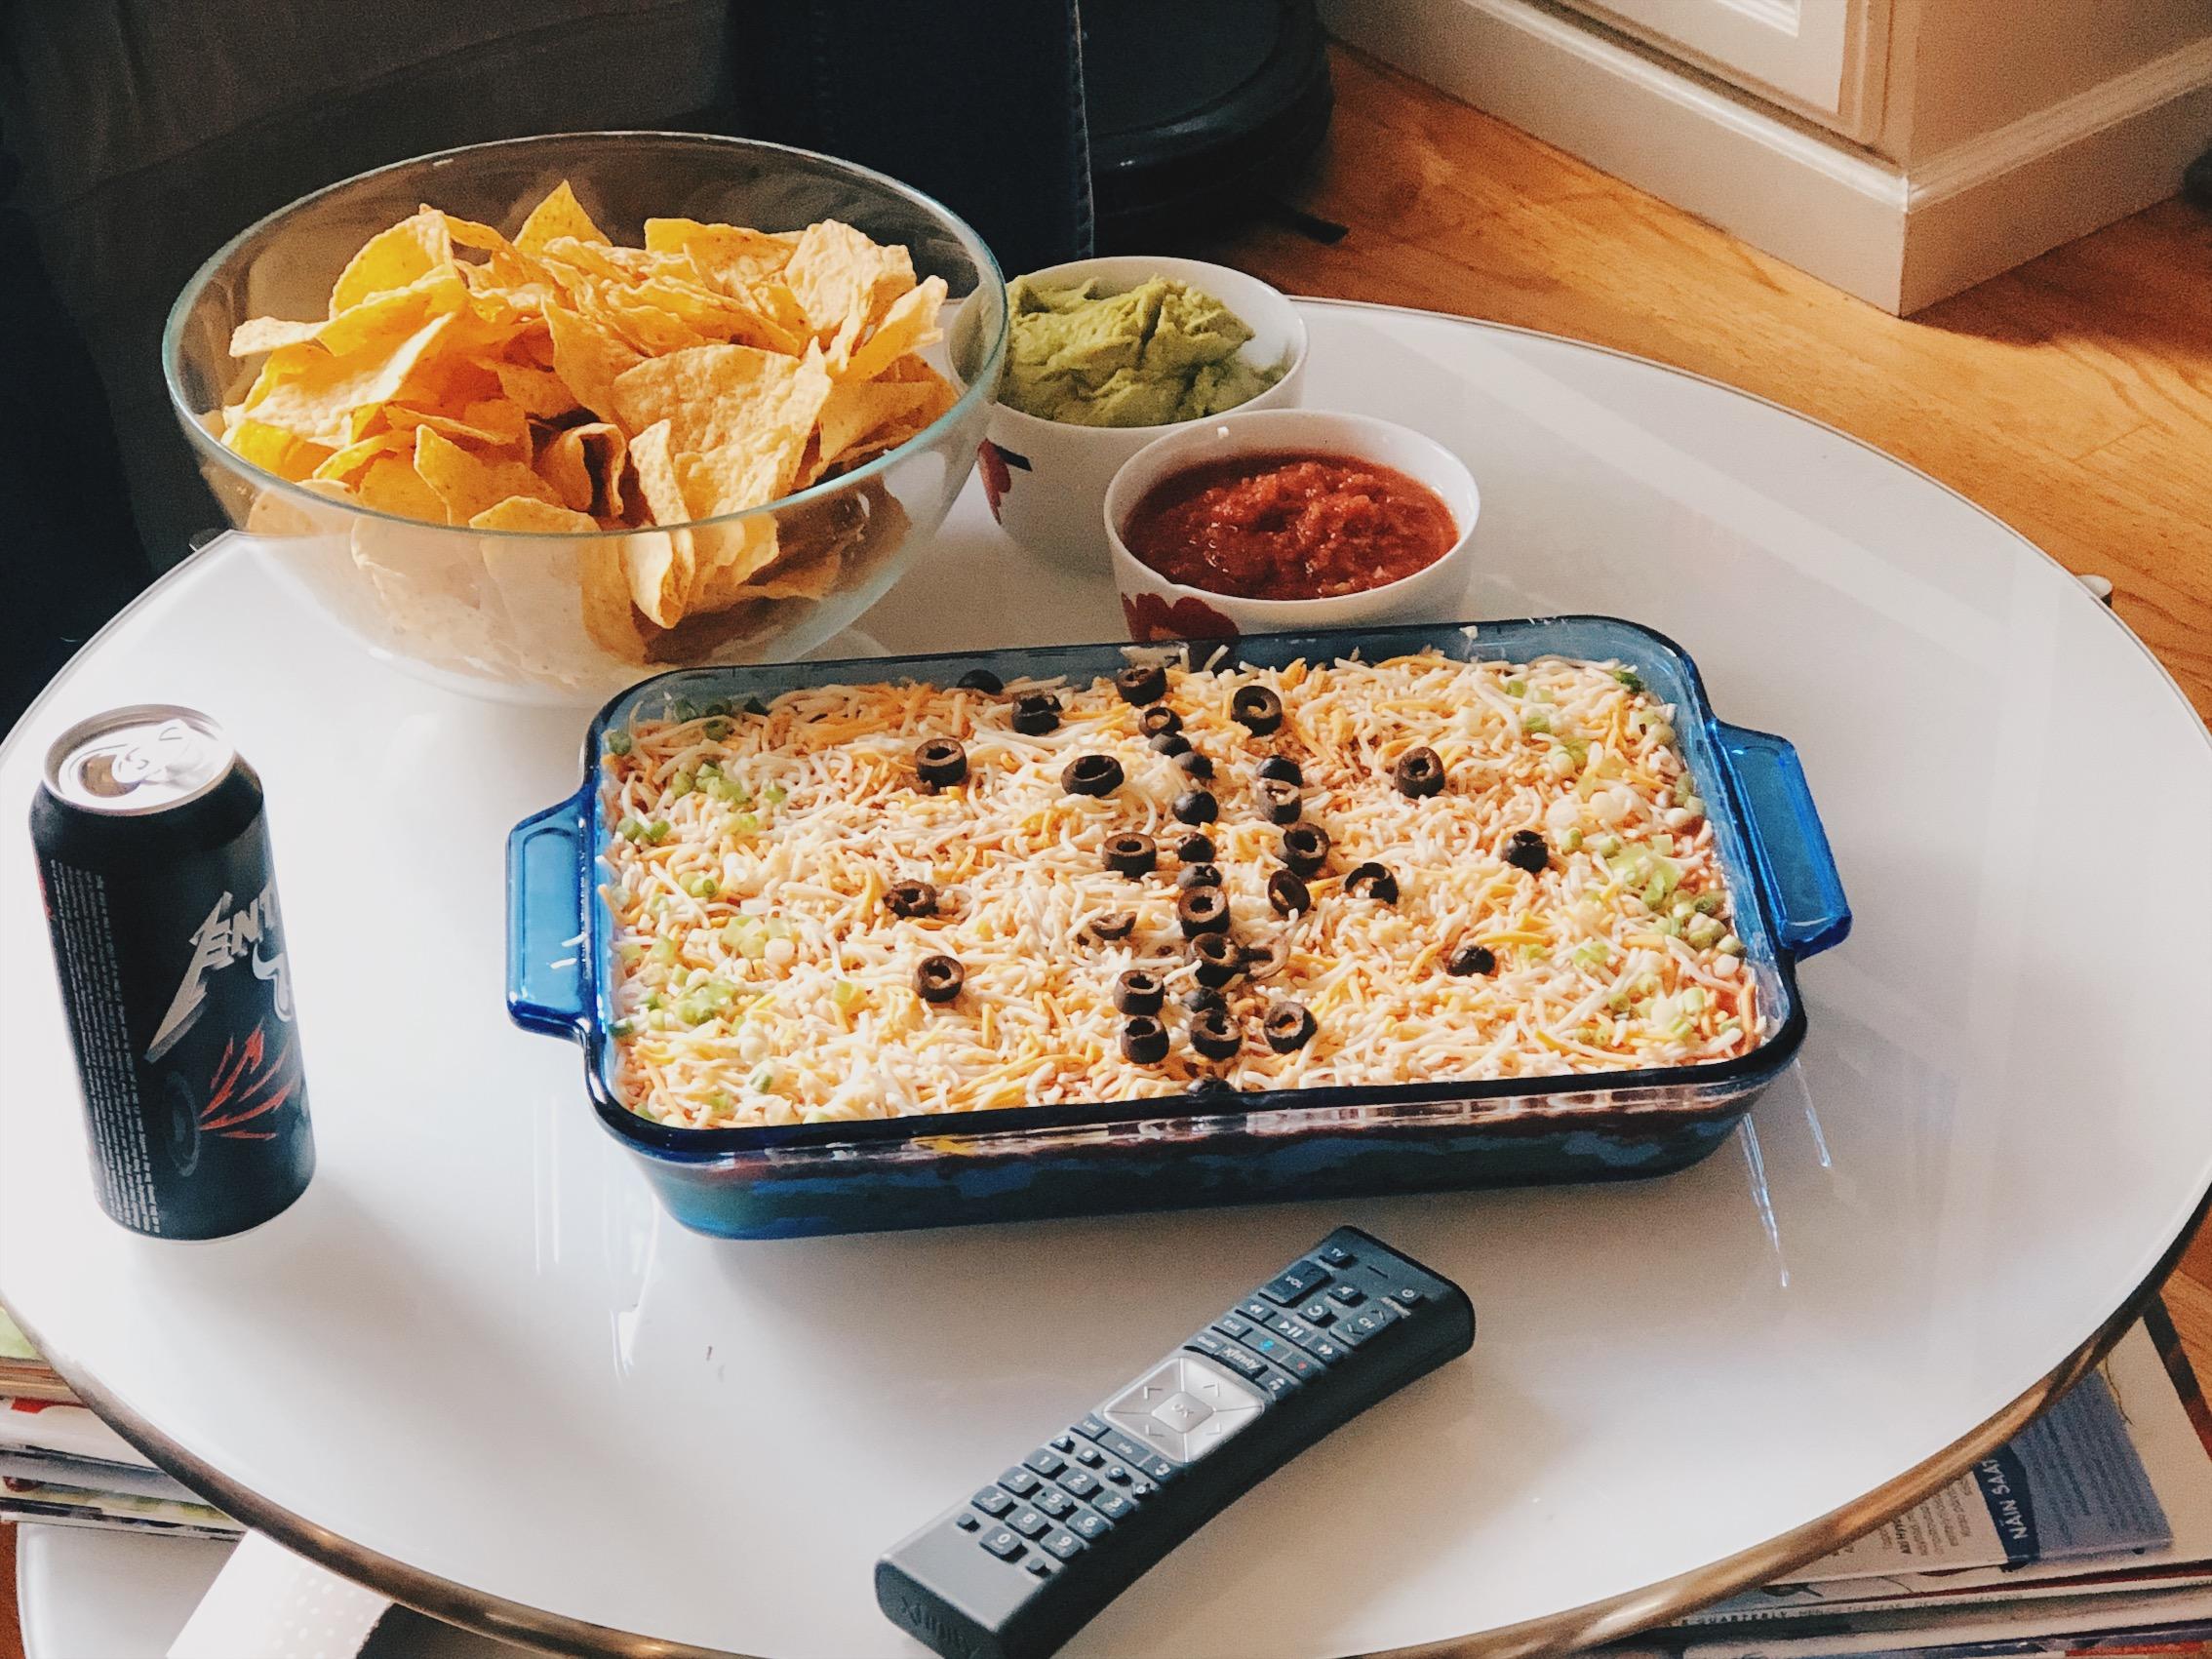 7 layer dip; refried beans, guacamole, salsa, kermaviili, juustoraaste, oliivit, kevätsipuli